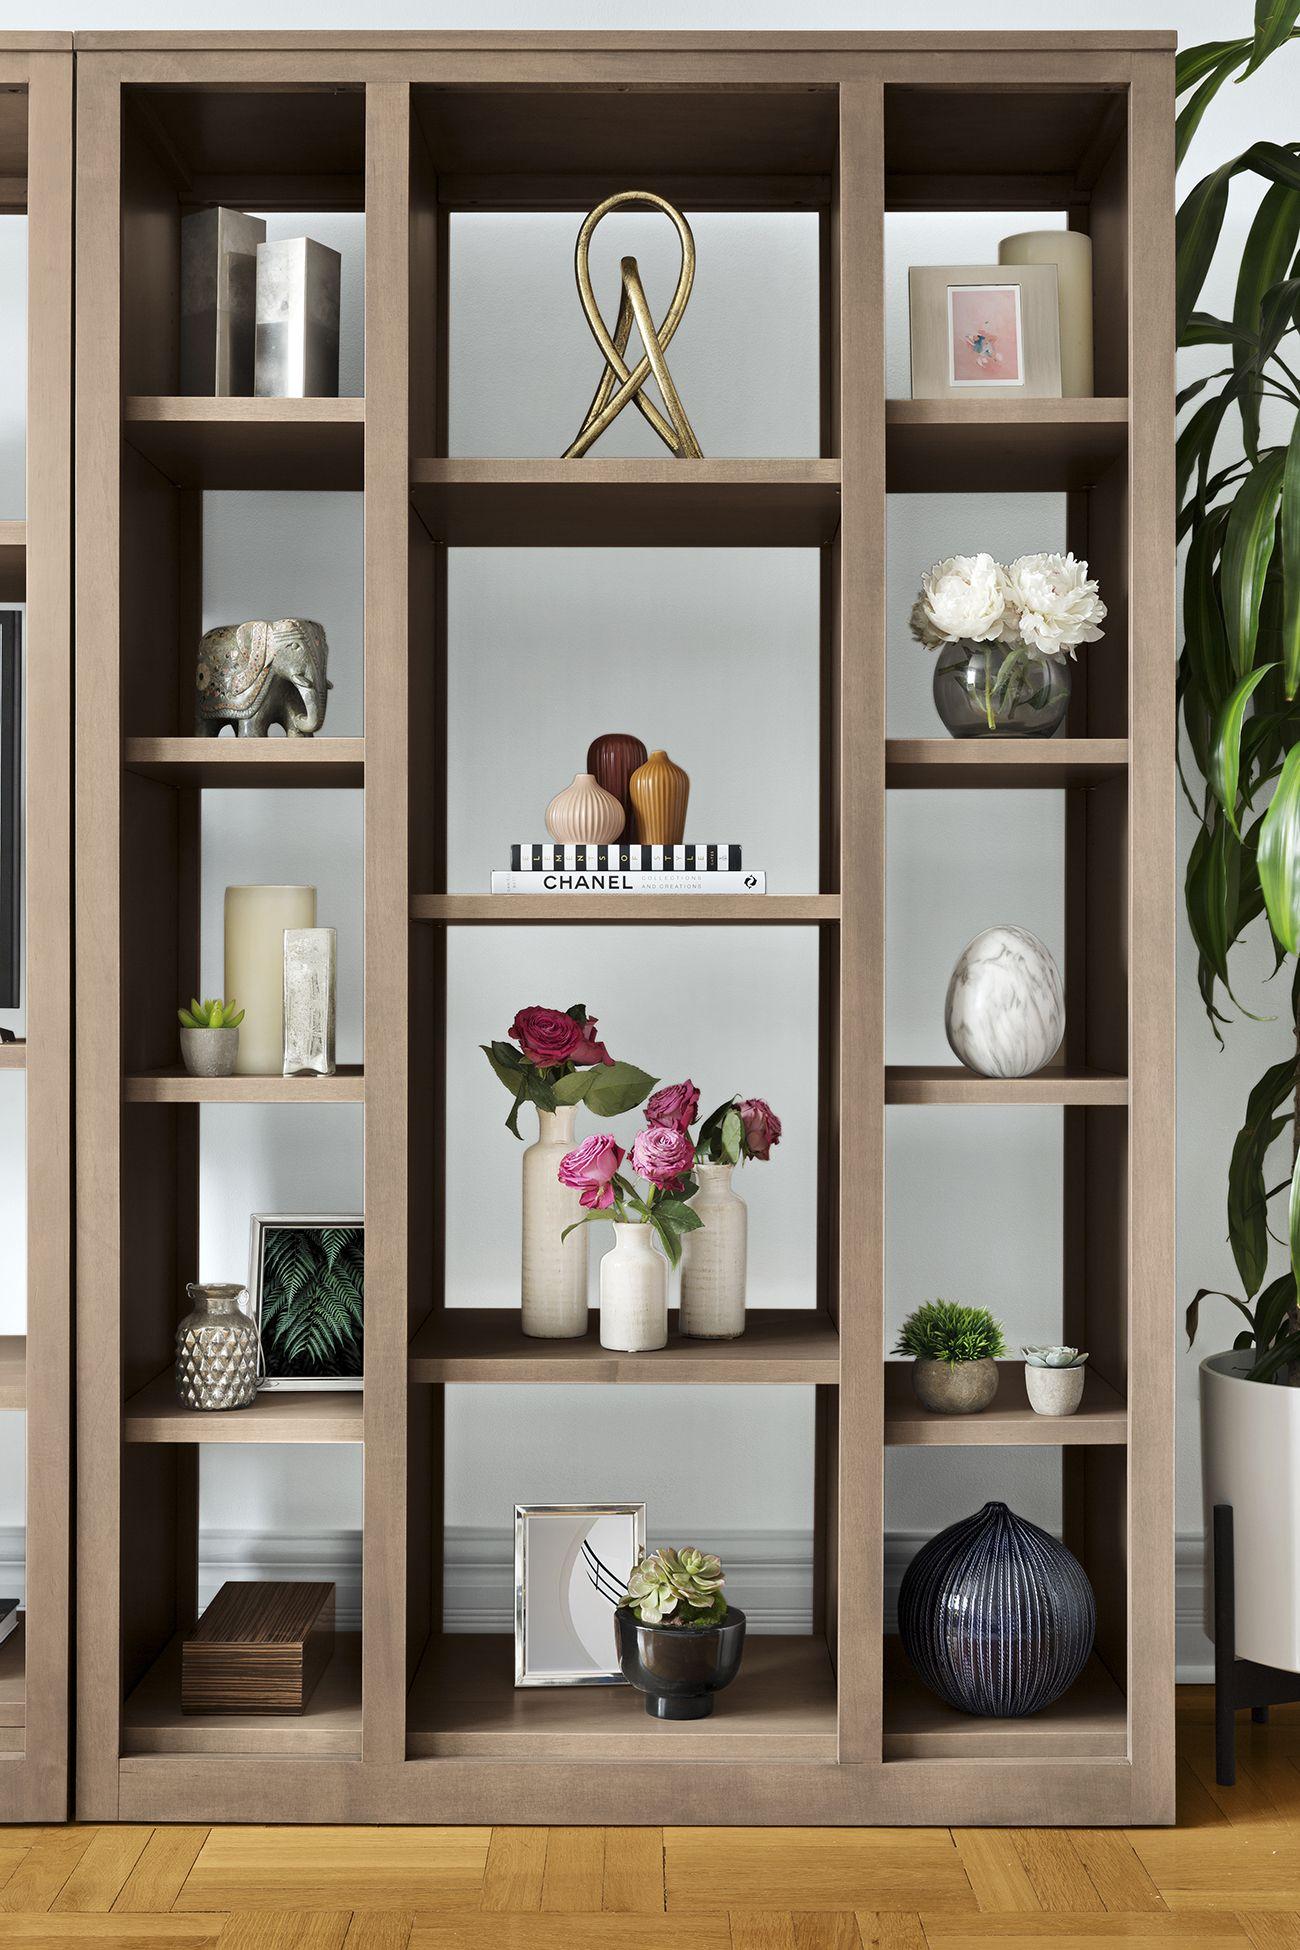 A Contemporary Apartment Transformed For The Now Decor Aid Living Room Shelves Living Room Design Decor Living Room Decor #shelves #in #living #room #design